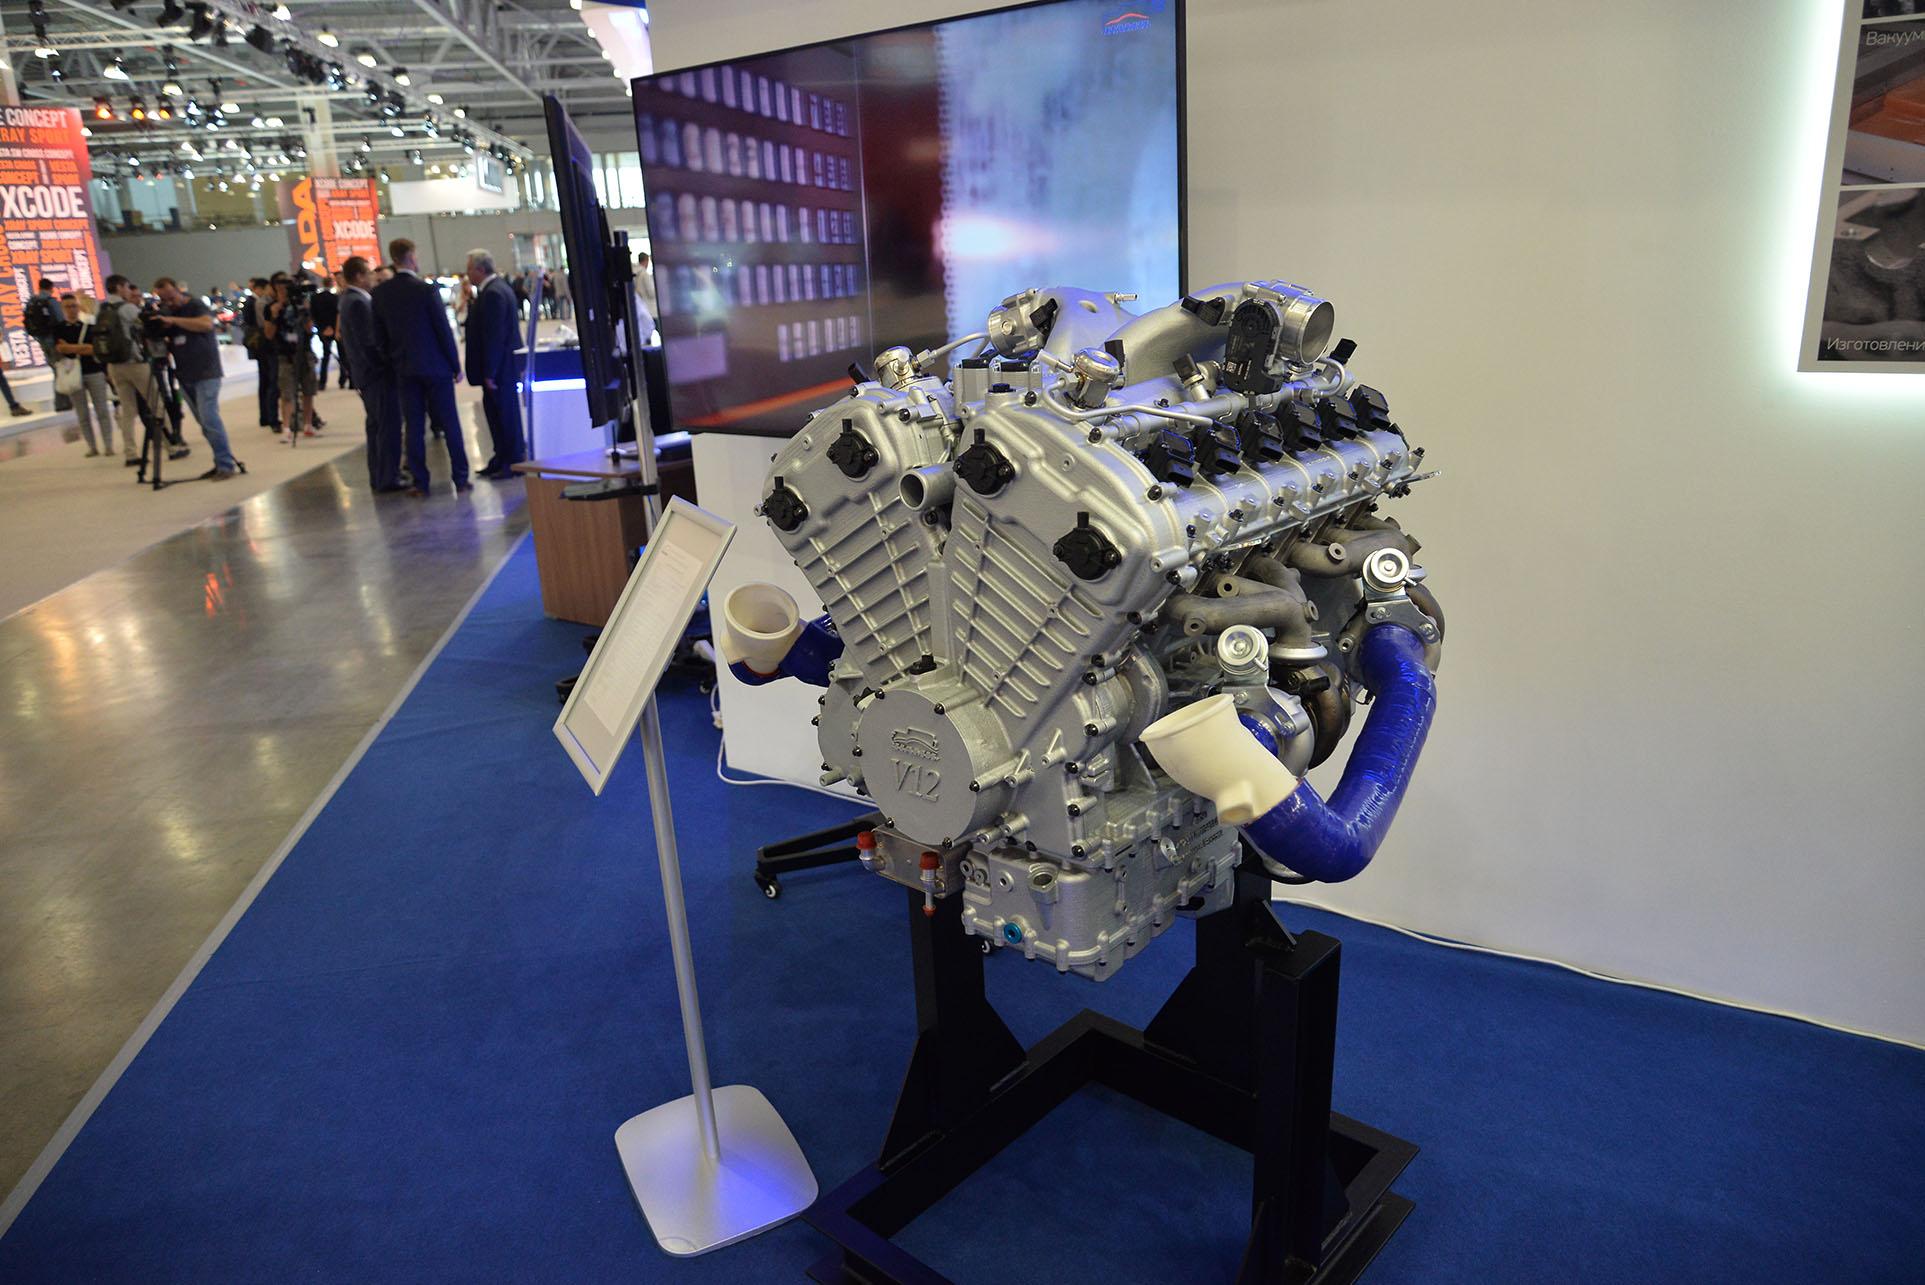 Двигатель V12 для машины президента. Создан инженерами Porsche и НАМИ